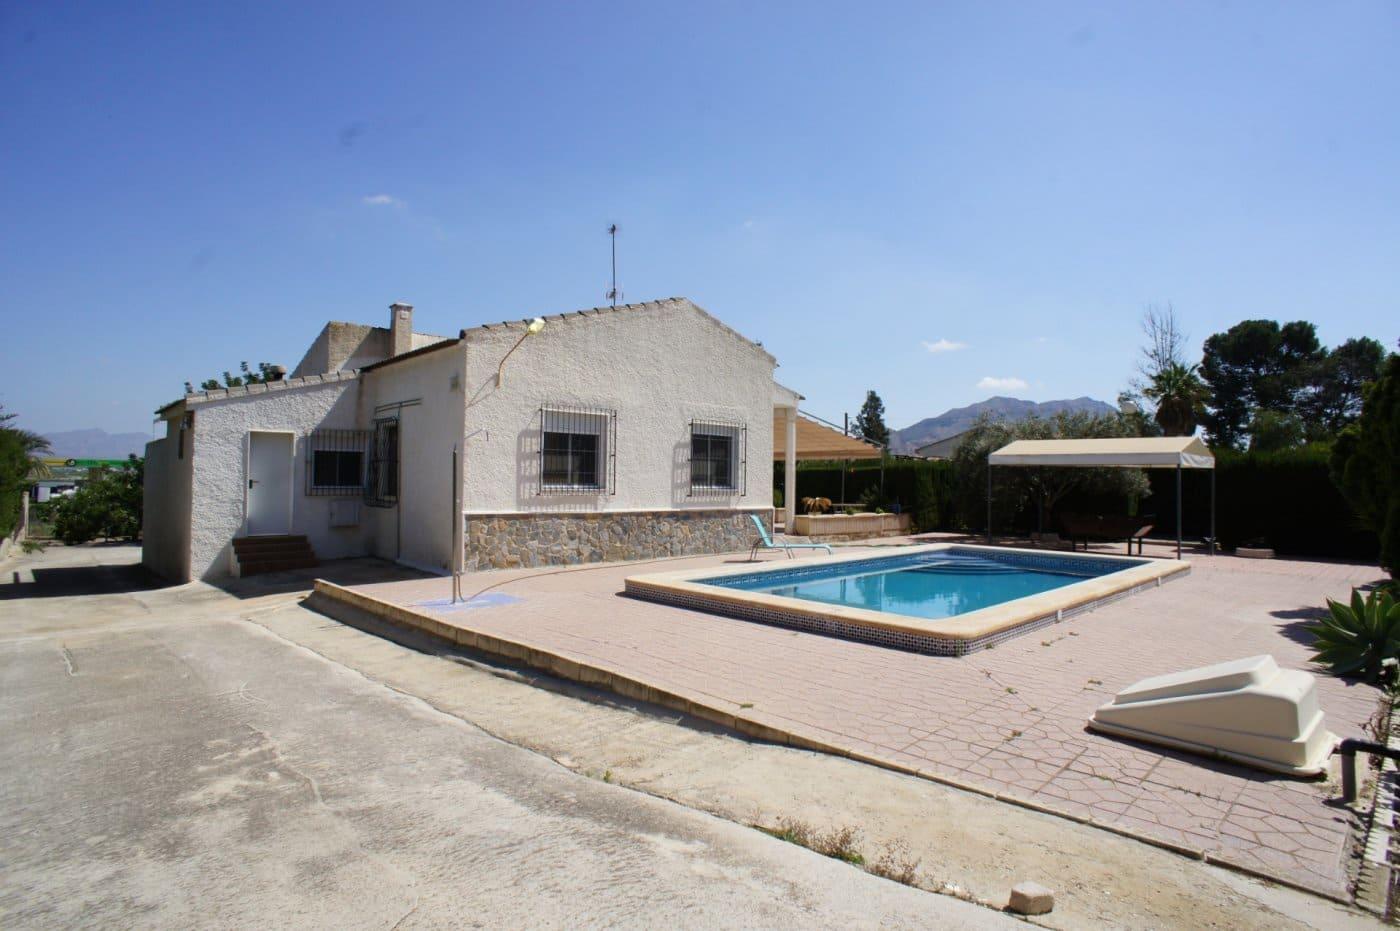 Finca/Casa Rural de 4 habitaciones en Orihuela en venta con piscina - 210.000 € (Ref: 4569318)